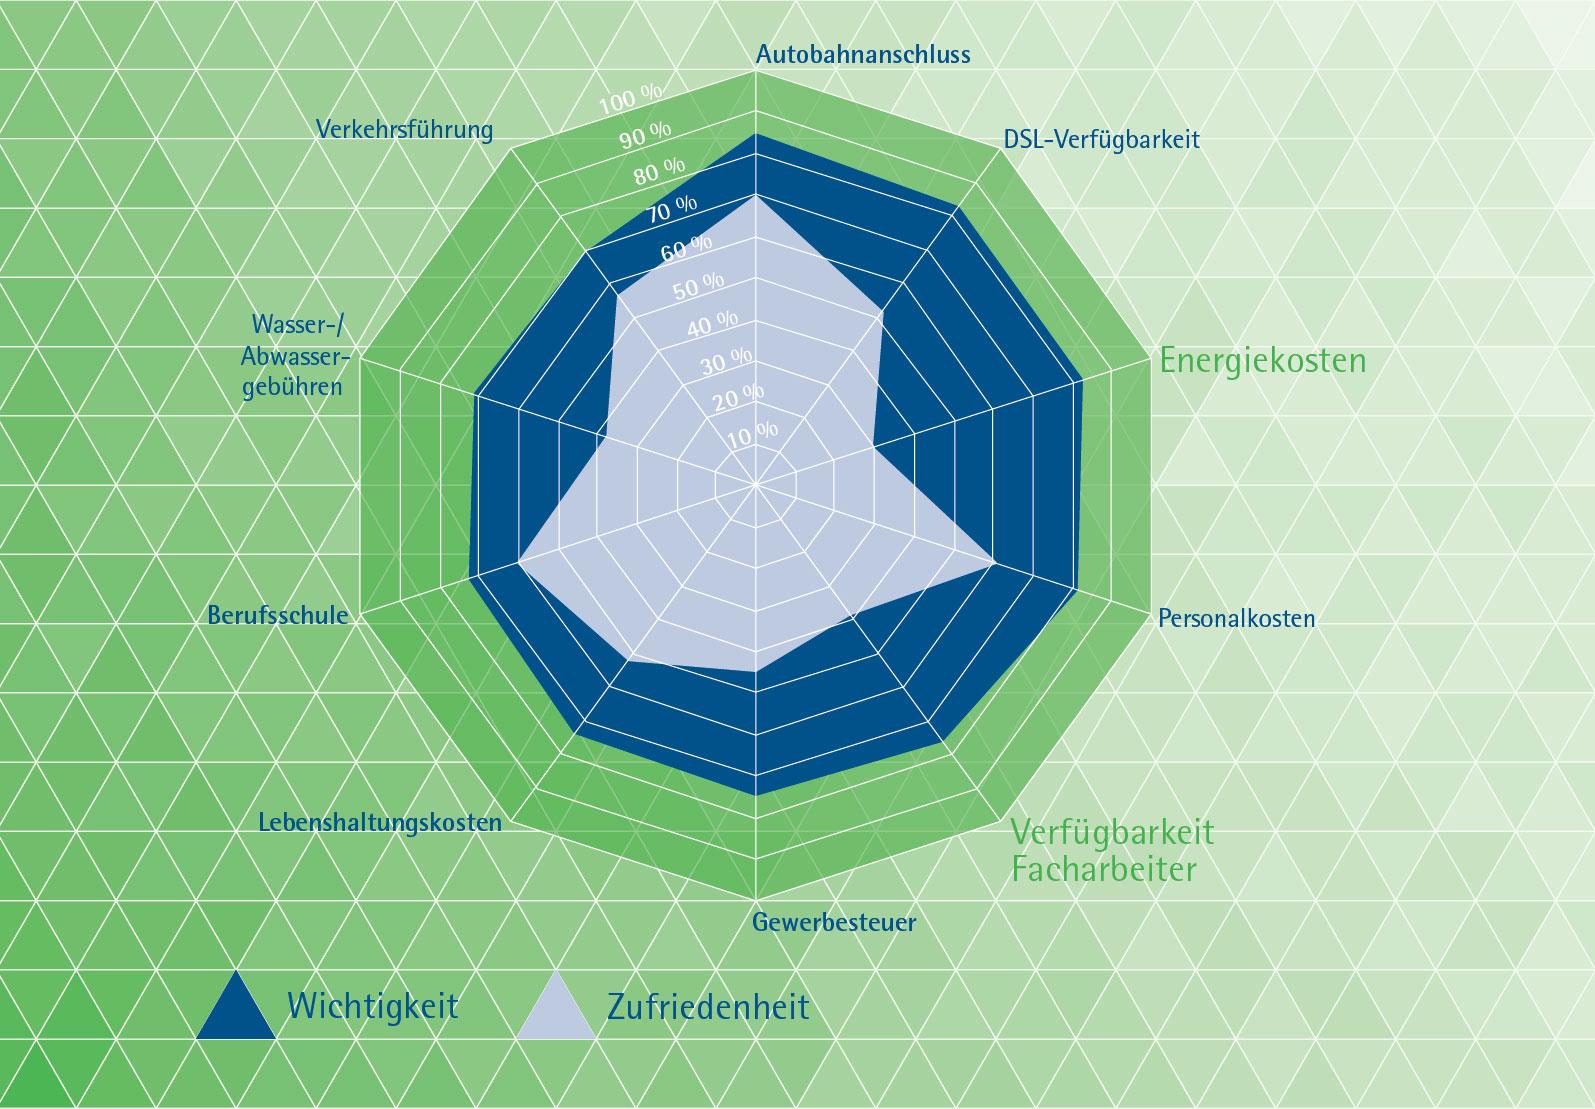 Ergebnis der Standortanalyse der IHK Südthüringen 2012 zu einer Umfrage über die Zufriedenheit in der Industrie- und Wirtschaftsregion